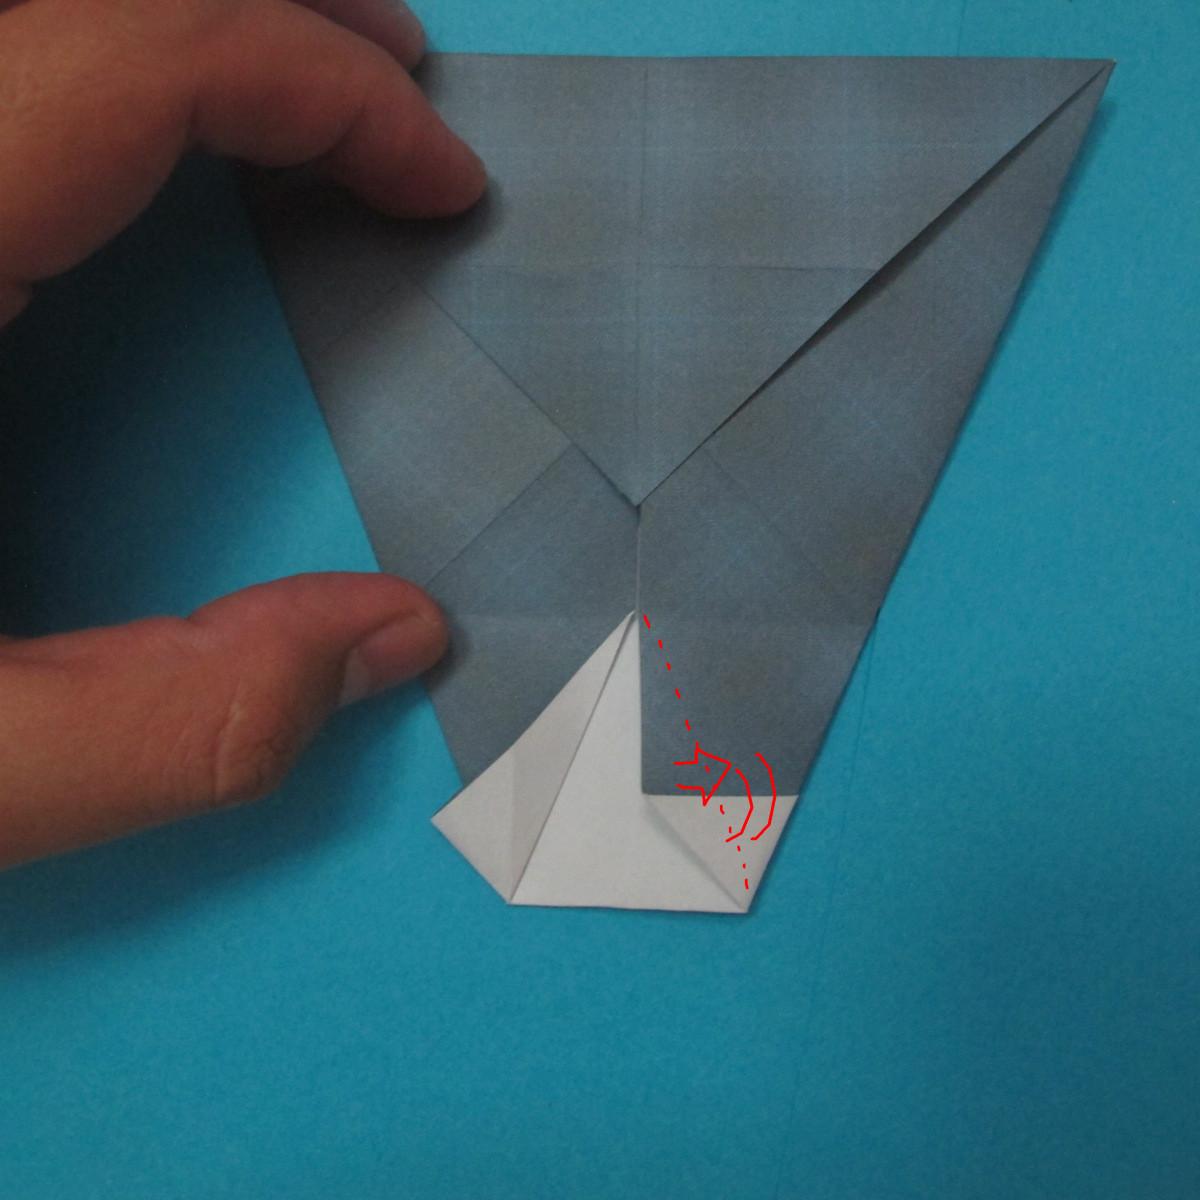 วิธีการพับกระดาษเป็นรูปนกเค้าแมว 011